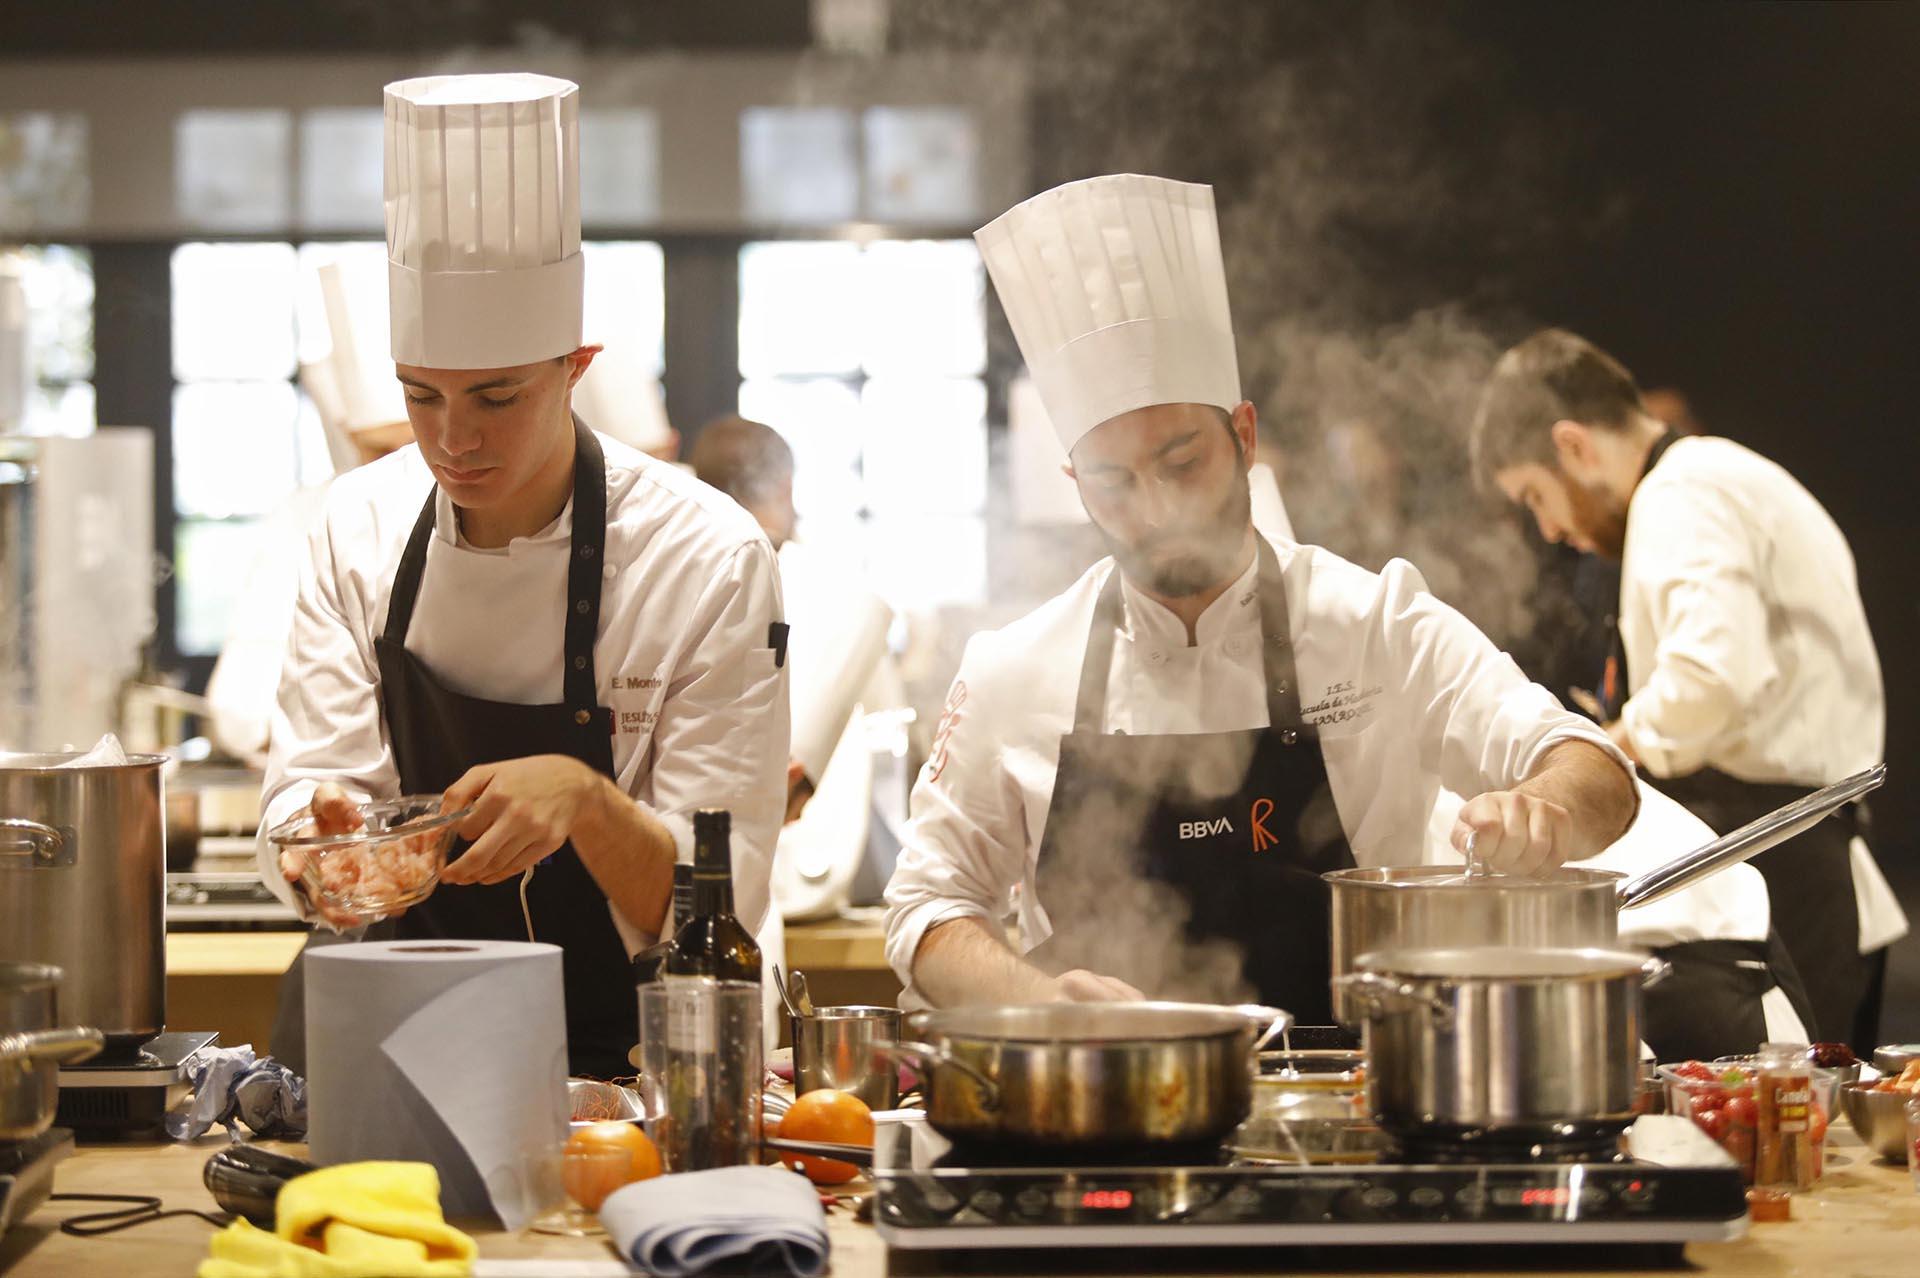 Evento entrega becas hostelería BBVA construcción cocina sostenbile